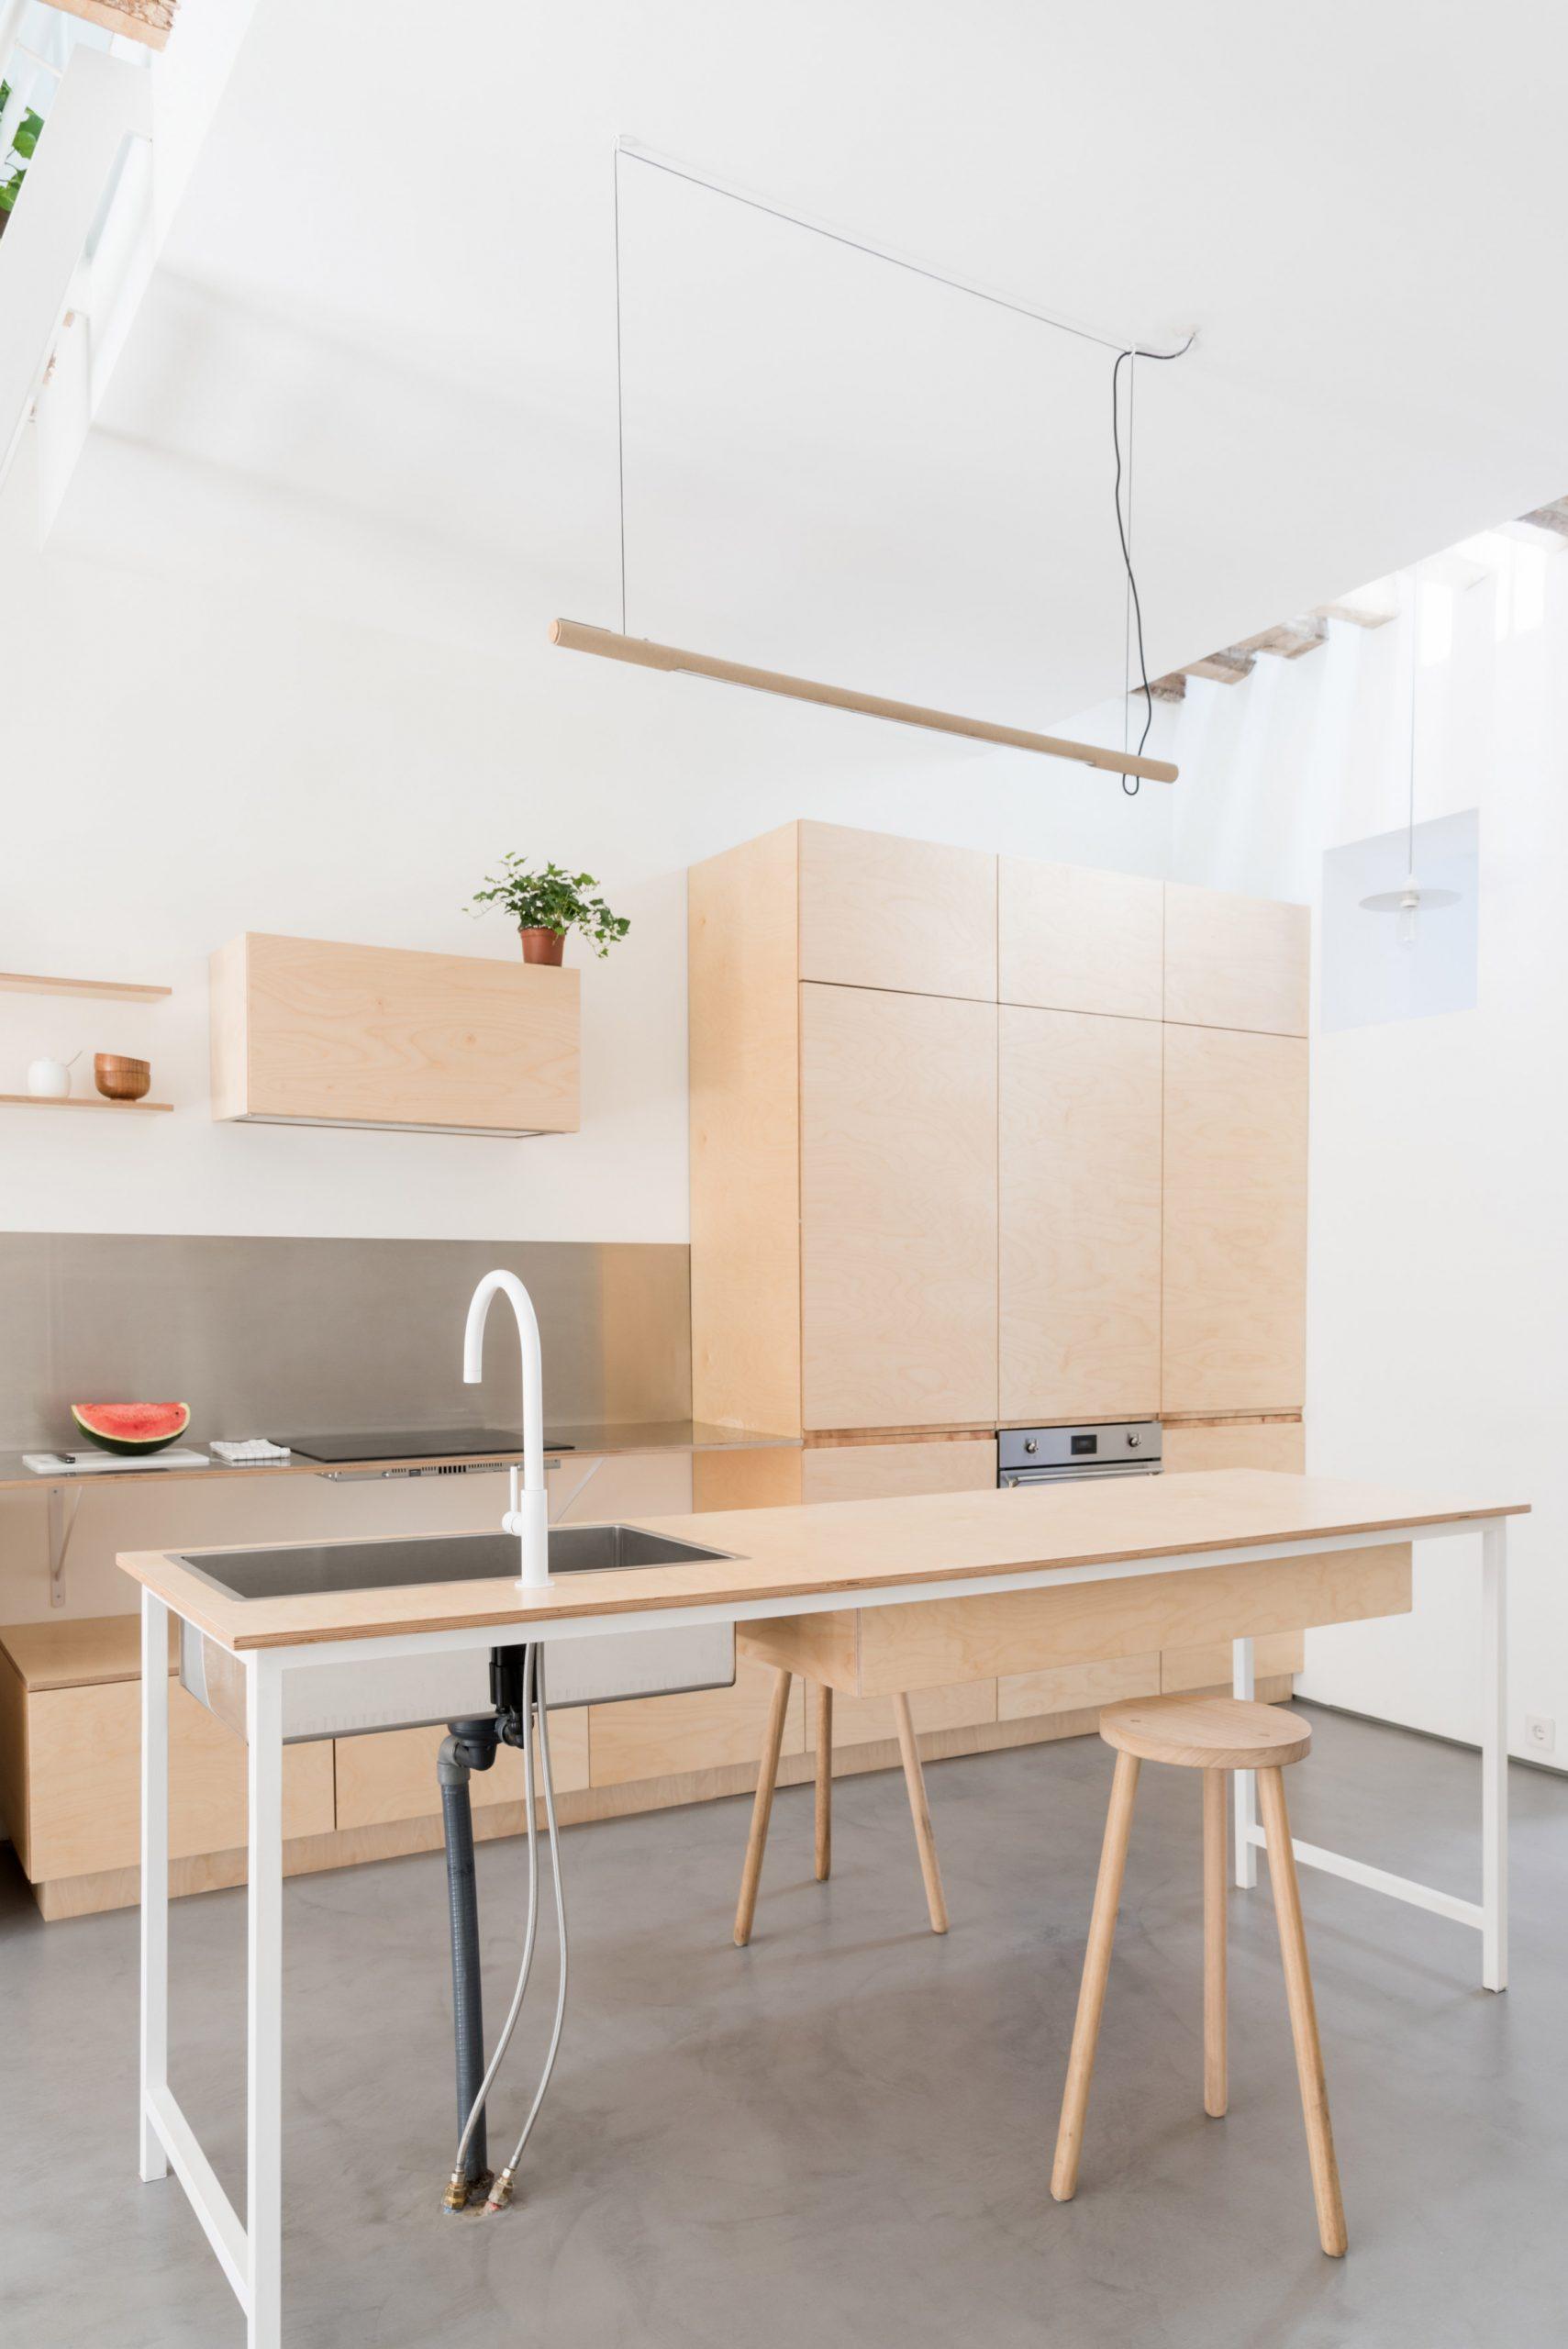 Thiết kế phòng khách chung cư đơn giản 4